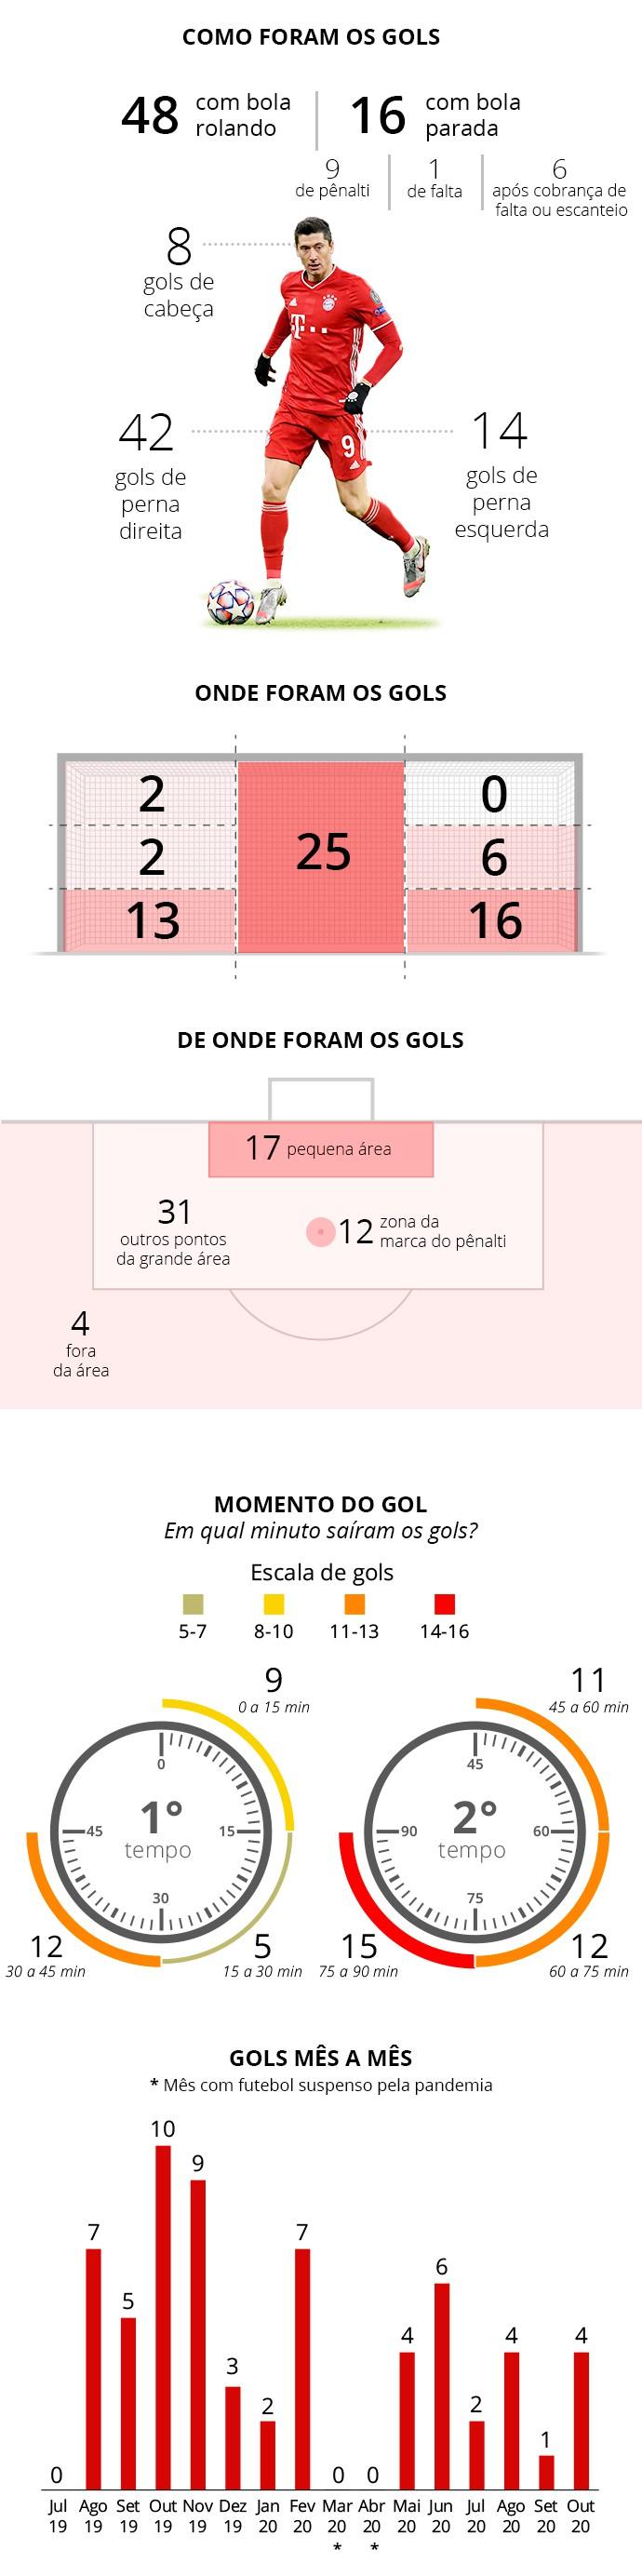 Como foram os gols de Robert Lewandowski - Infografia ge